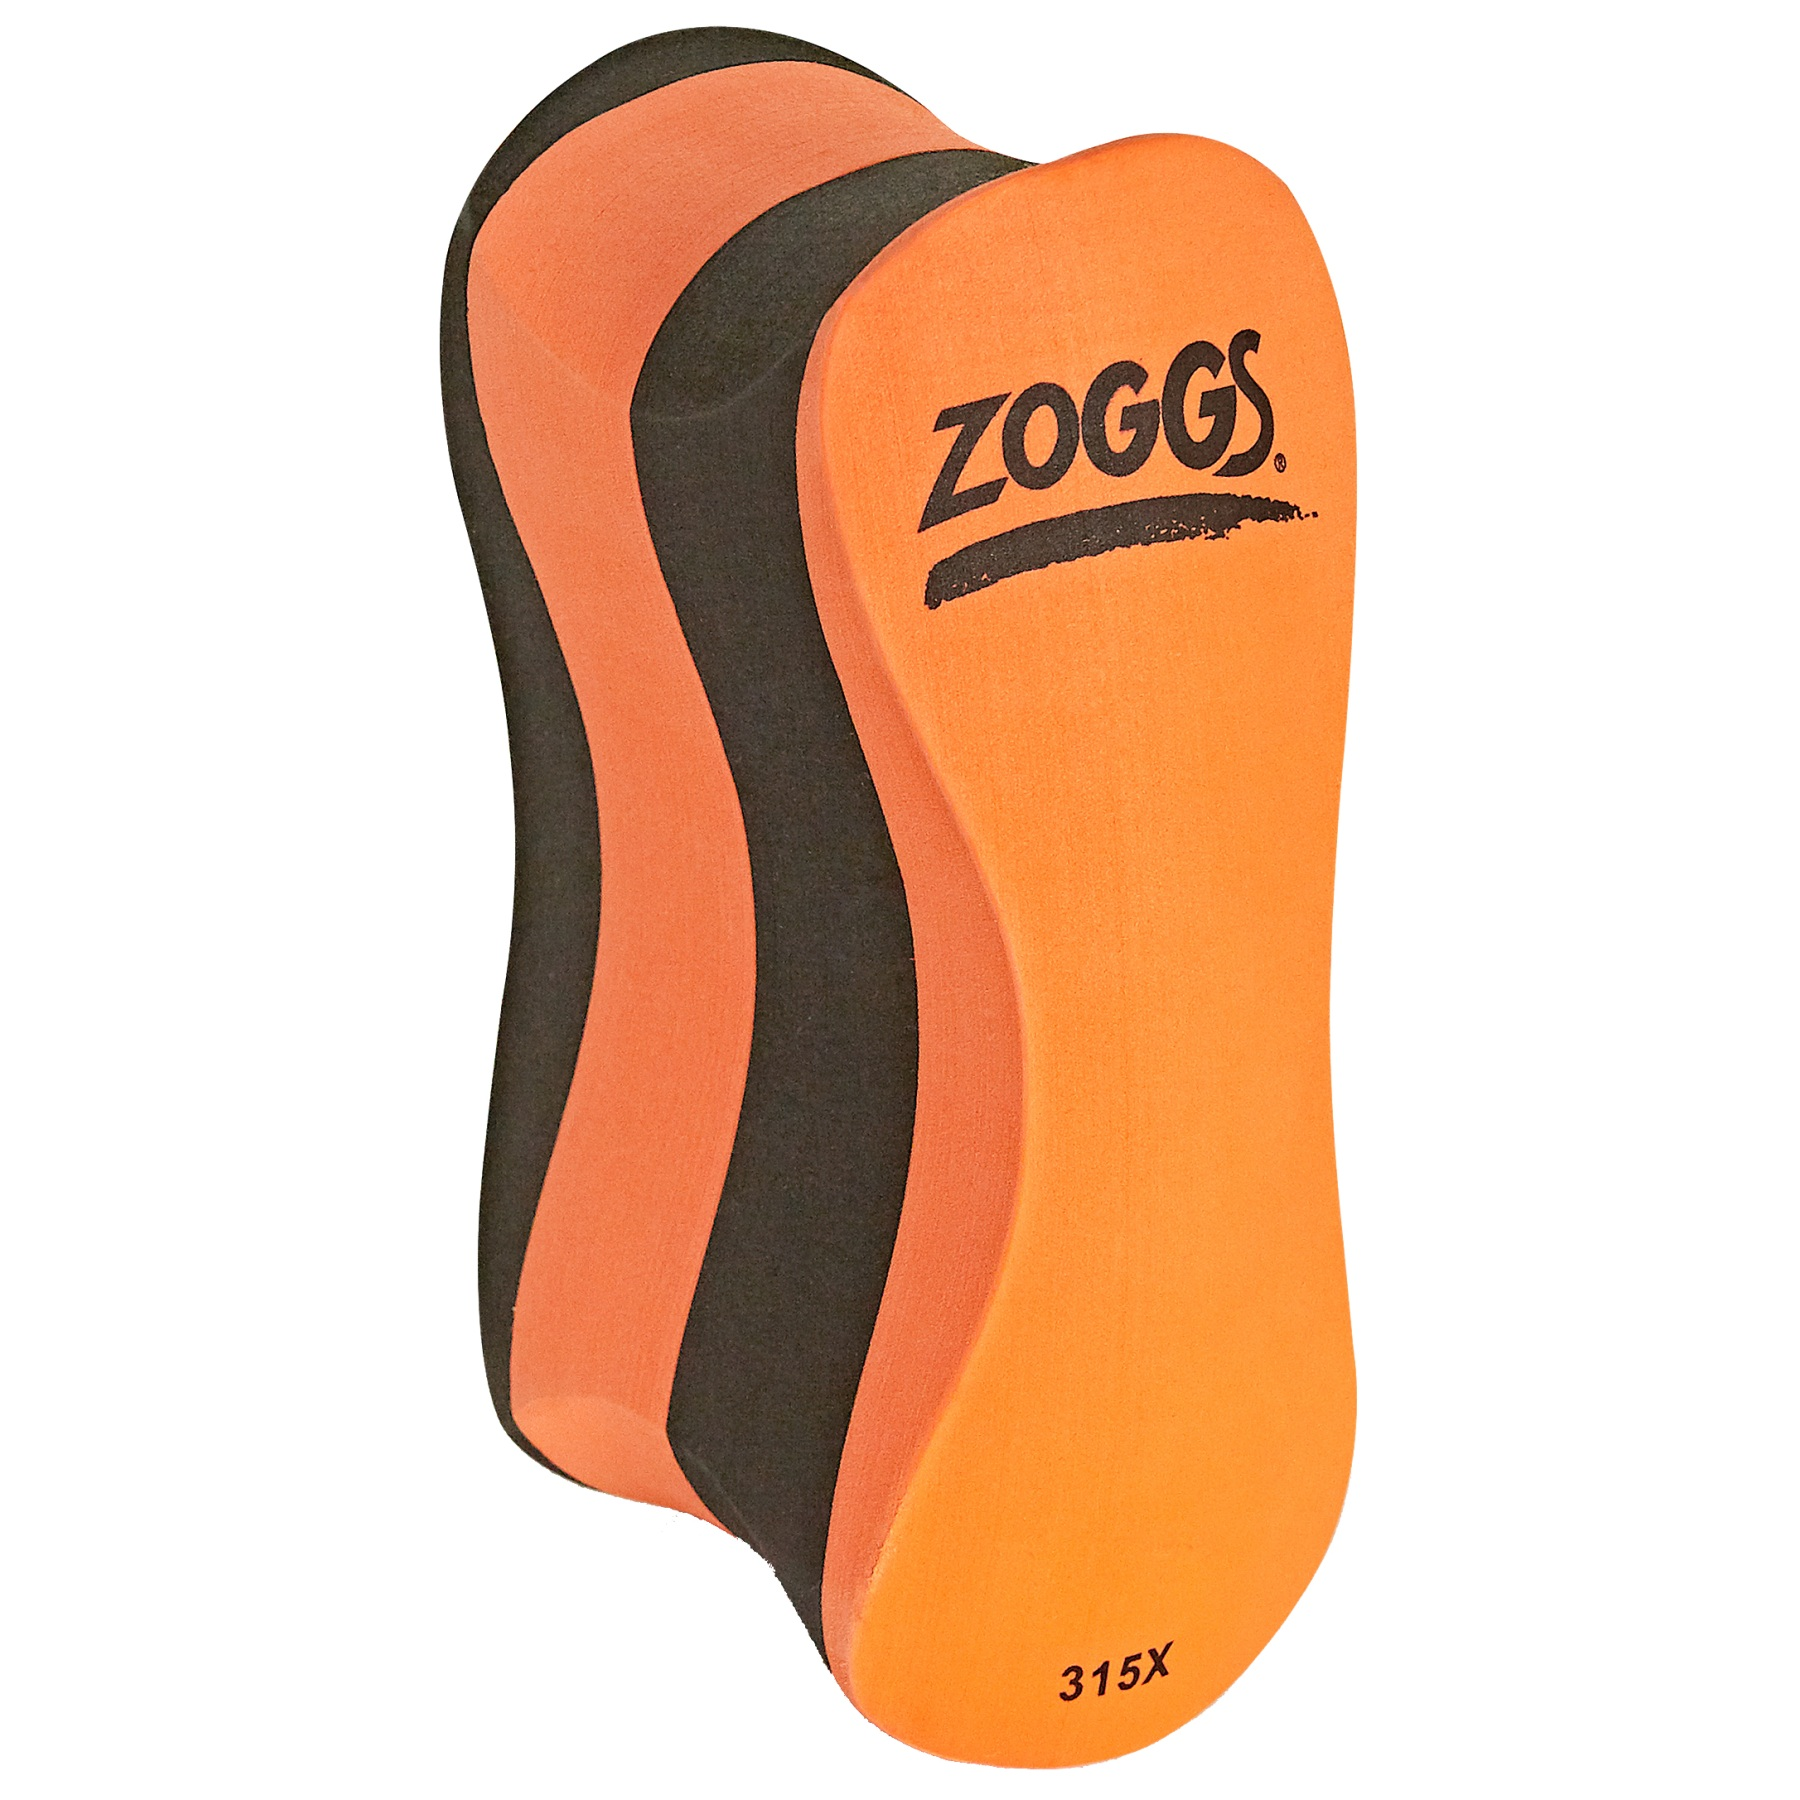 Zoggs Pull Buoy - orange